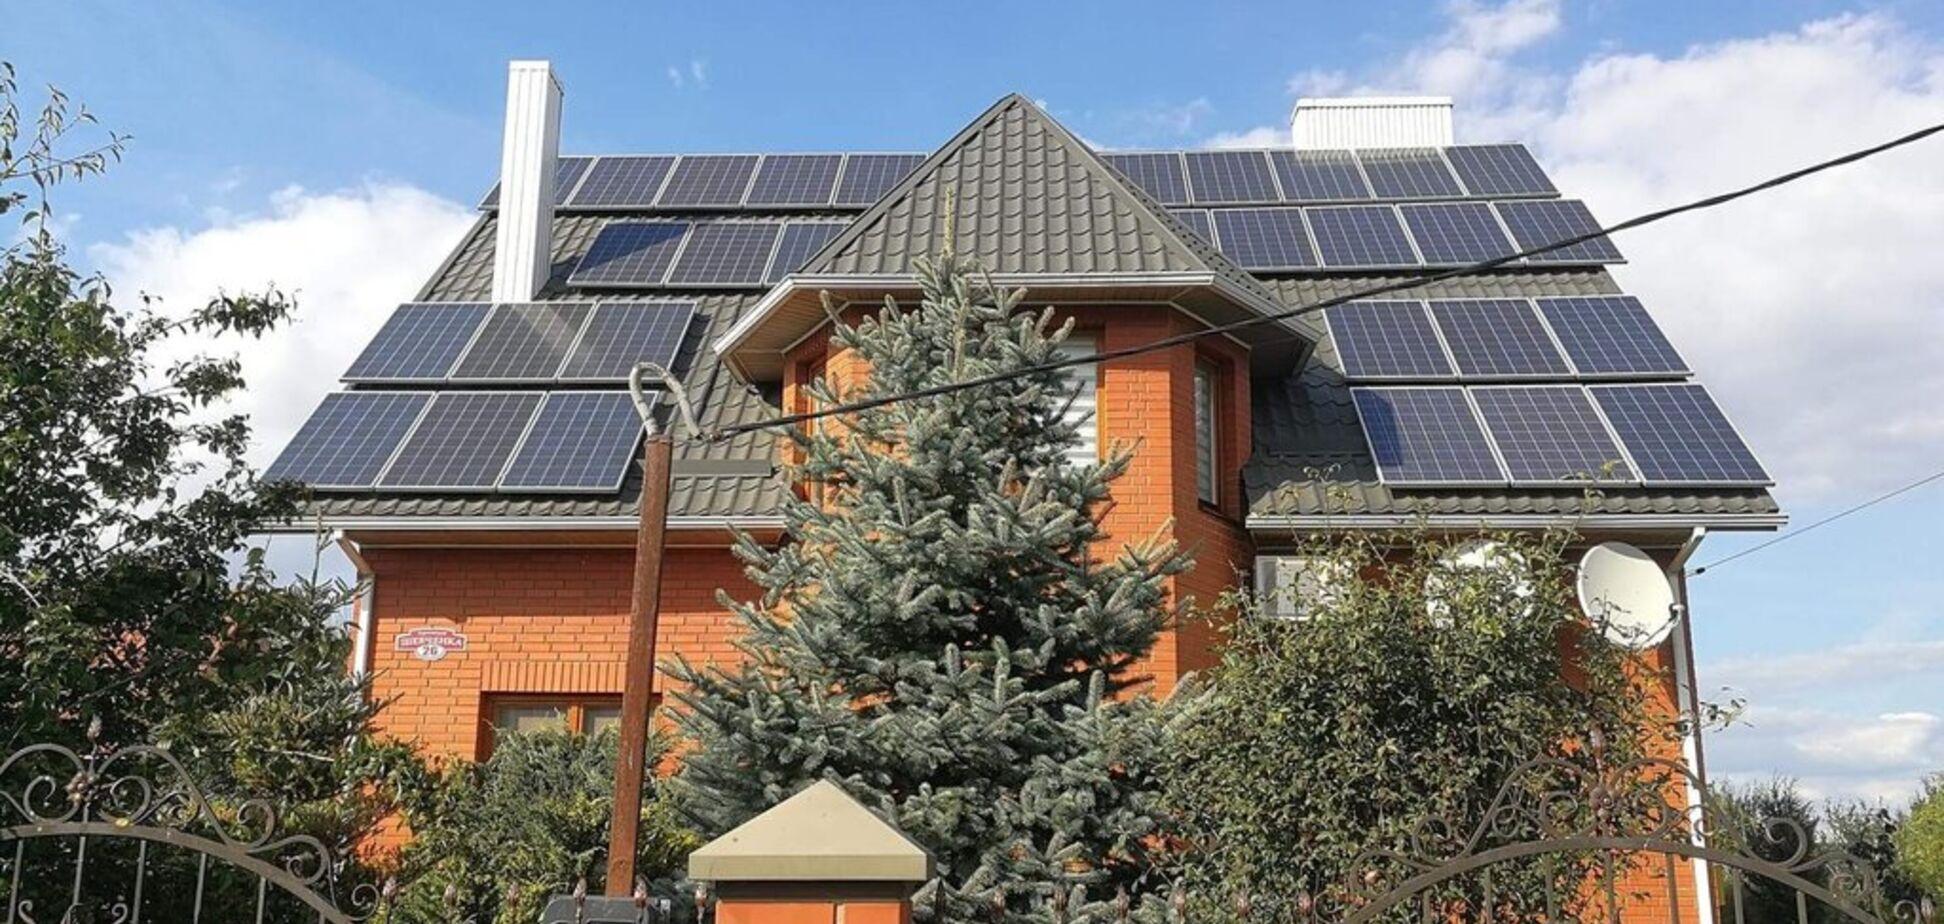 Скільки можна заробити на сонячних панелях і вітряках: названі суми